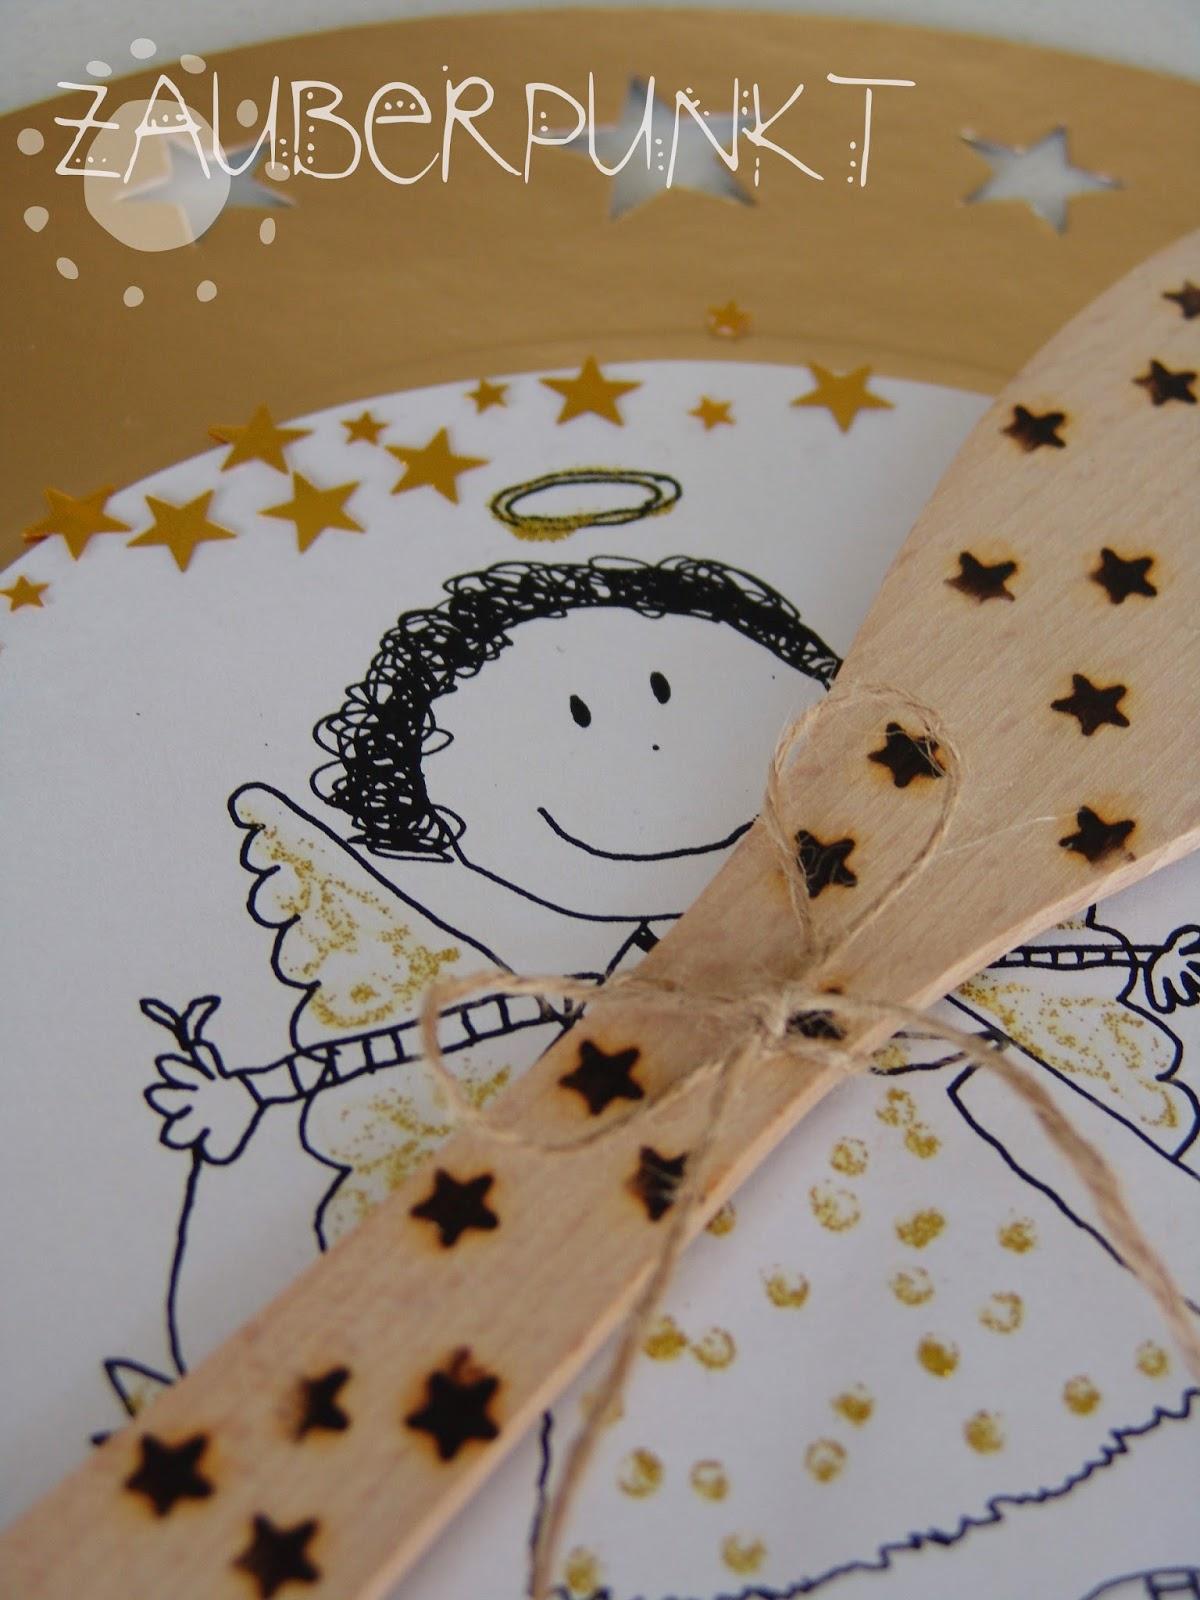 Zauberpunkt geschenke basteln mit kinder for Geschenke basteln mit kleinkindern